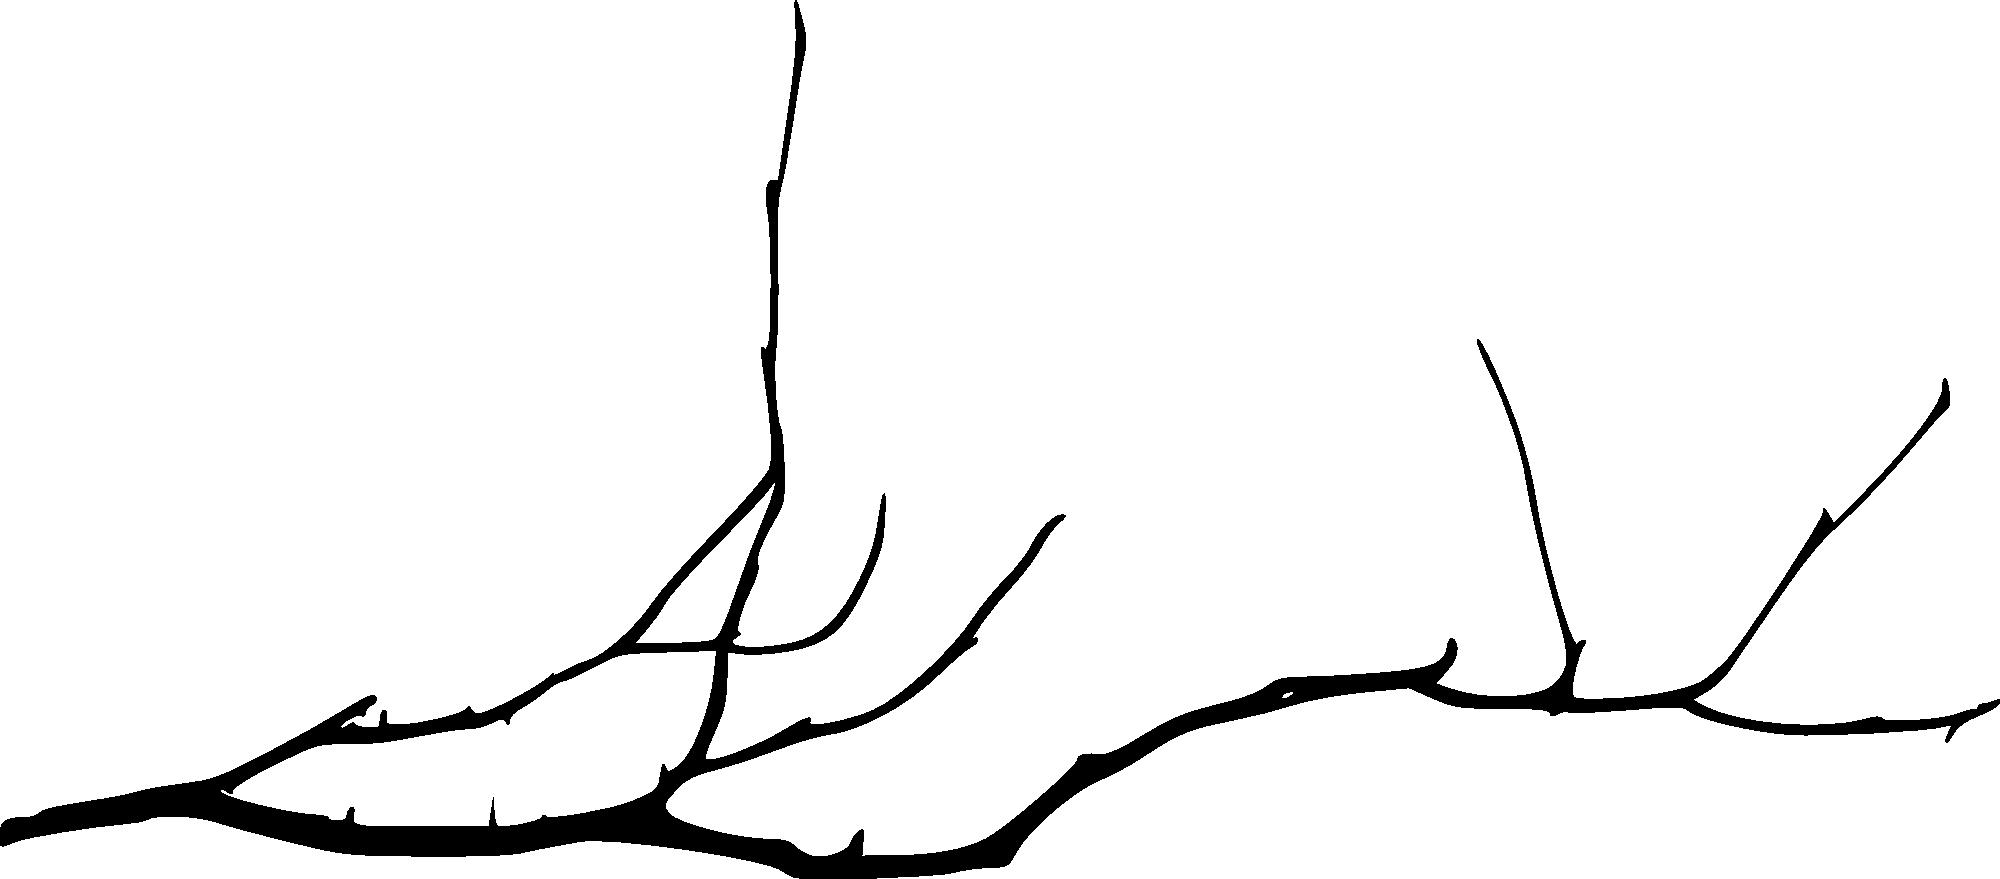 Creación de barras separadoras para poner en los post Simple-tree-branch-4